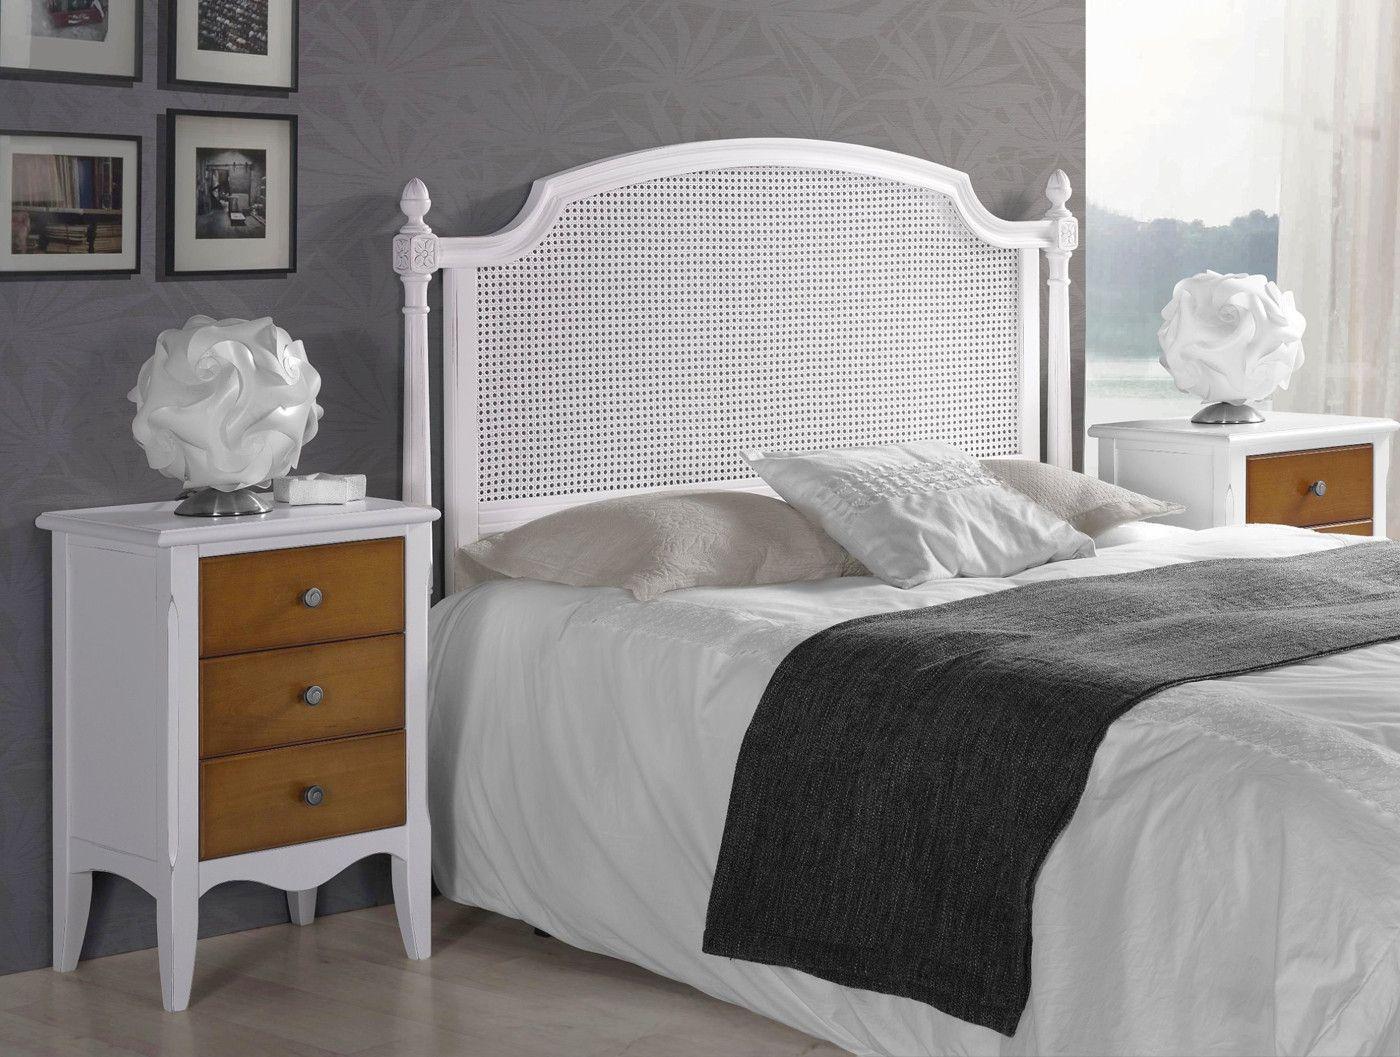 Dormitorio con cabecero rejilla y madera - haya | Rejas, Cabecero y ...